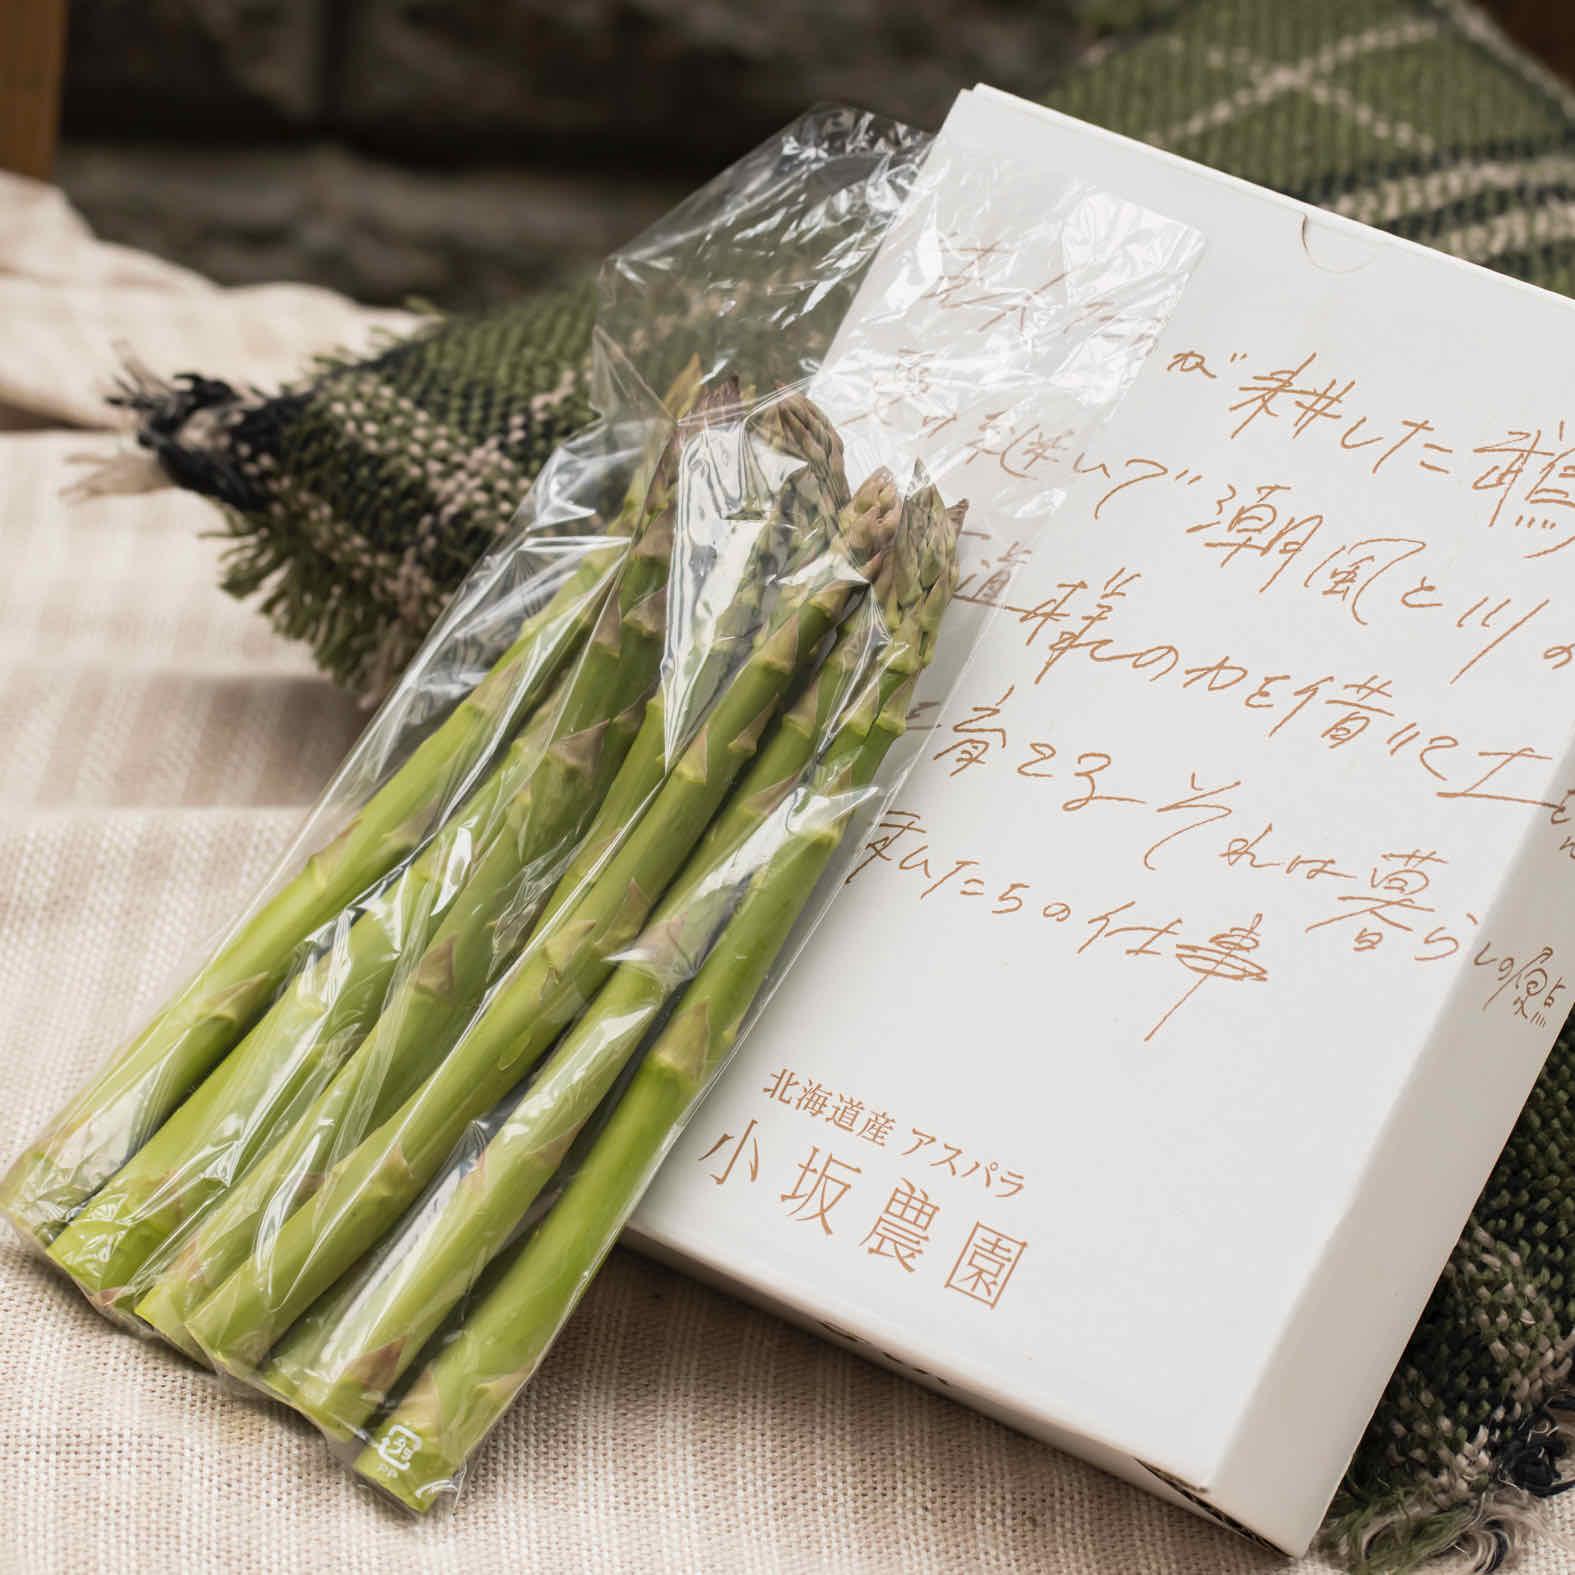 通販・お取り寄せ北海道産グリーンアスパラセット,鮮度保持袋に入ったアスパラと小坂農園のギフト箱